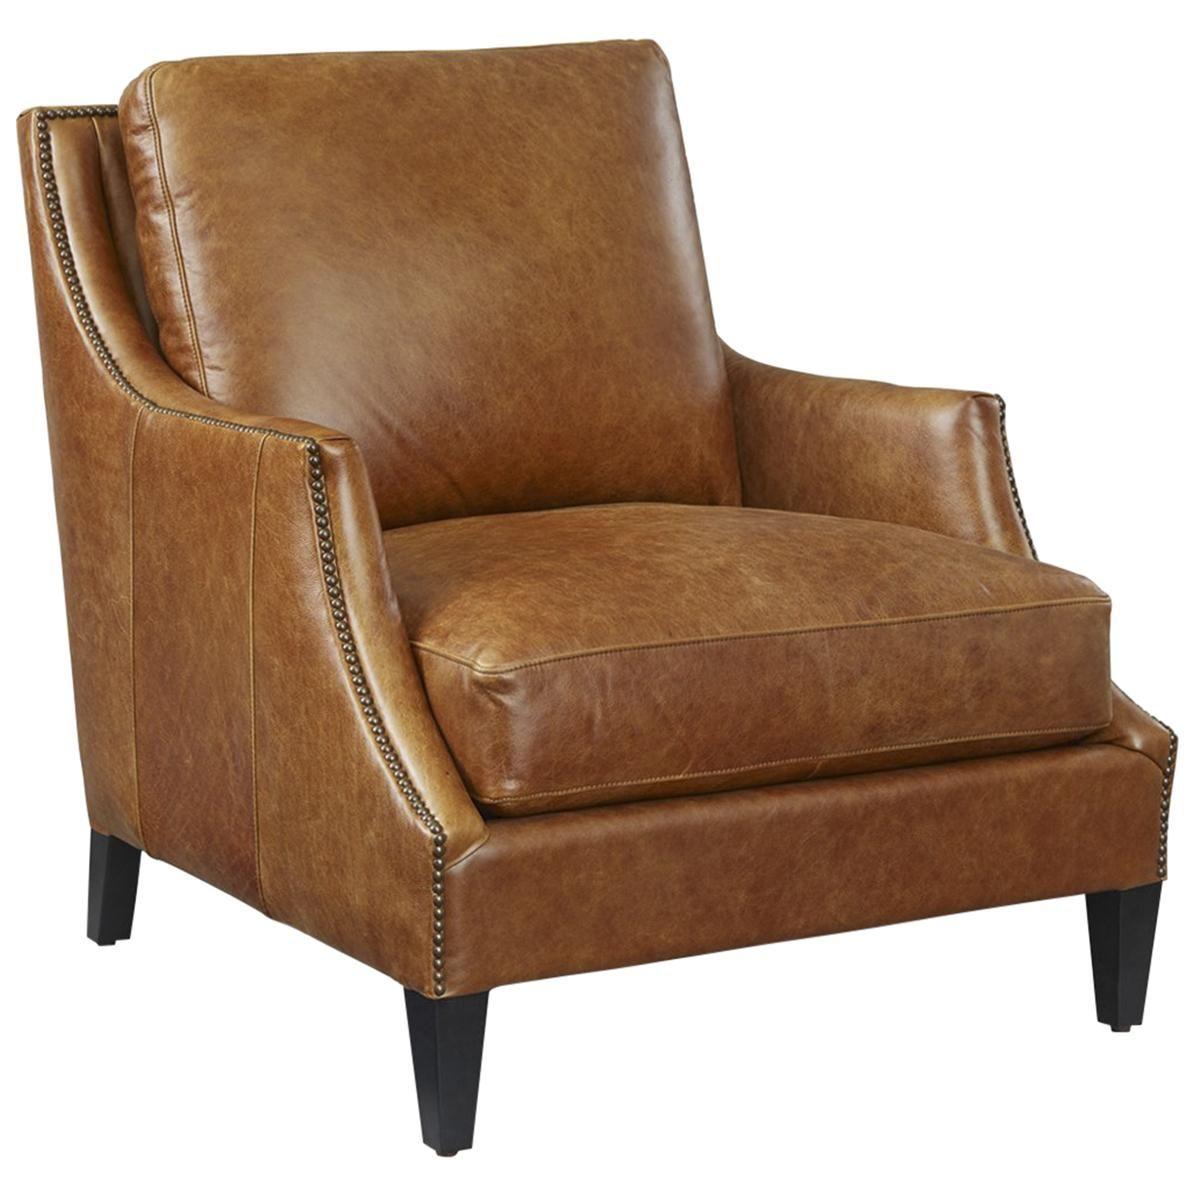 Jane Leather Chair In Ten Gallon Hat Hoss